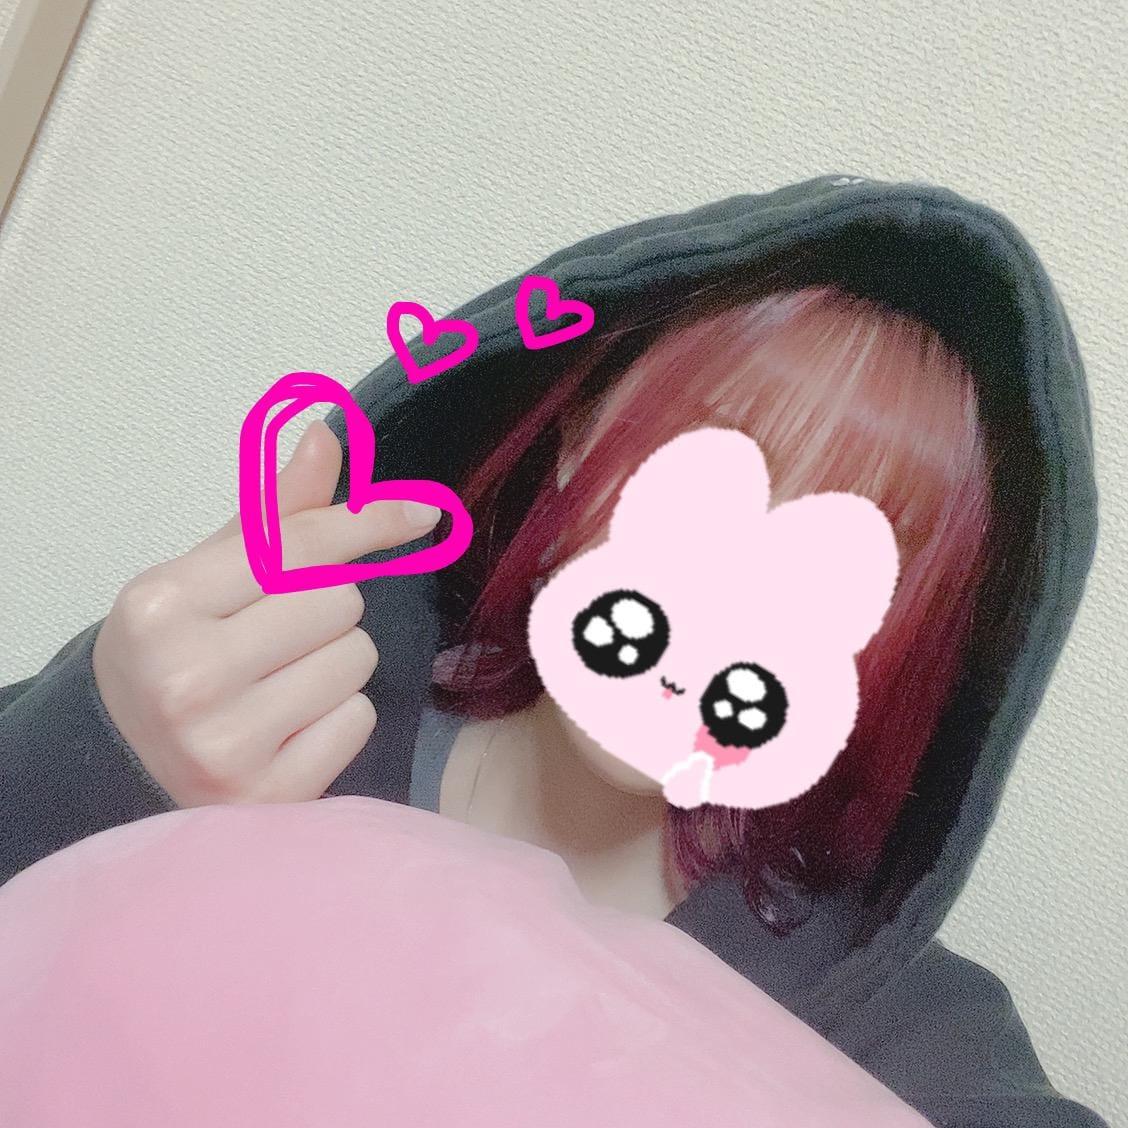 「初めまして(๑˃̵ᴗ˂̵)♡」12/25(金) 20:15   れいの写メ日記